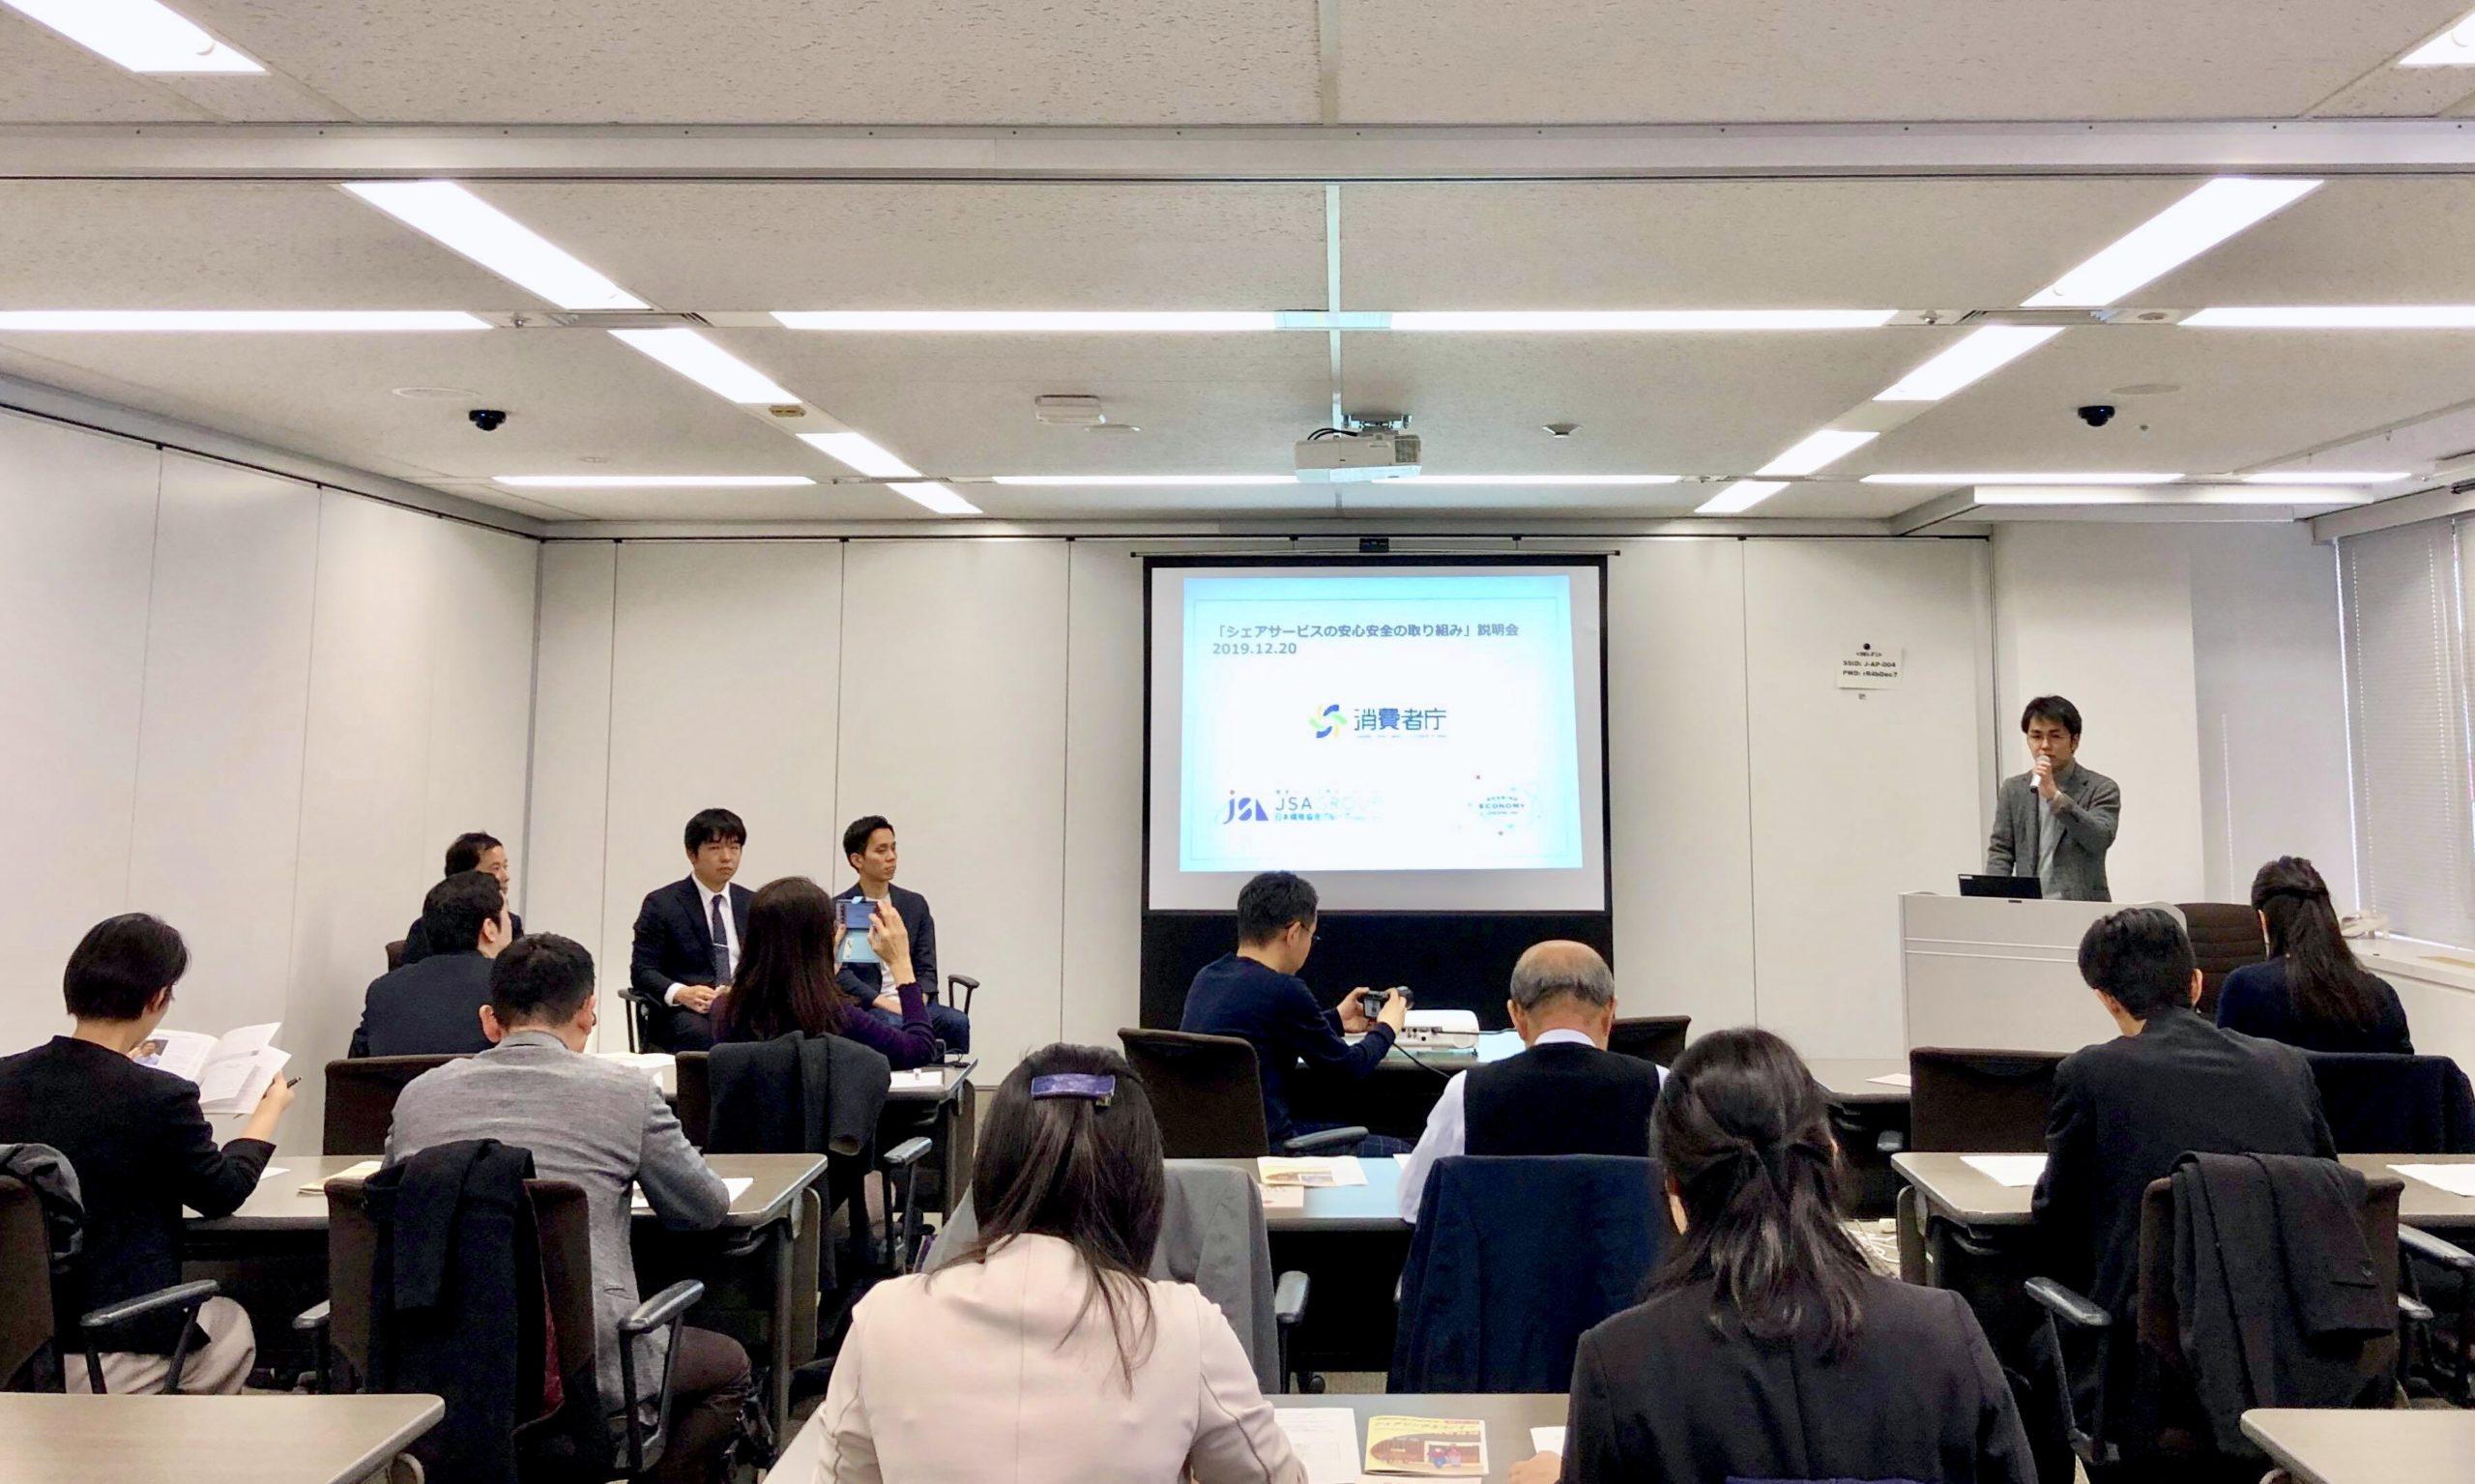 【開催レポート】シェアリングエコノミーを巡る安心・安全の取り組みや規制動向に関する説明会